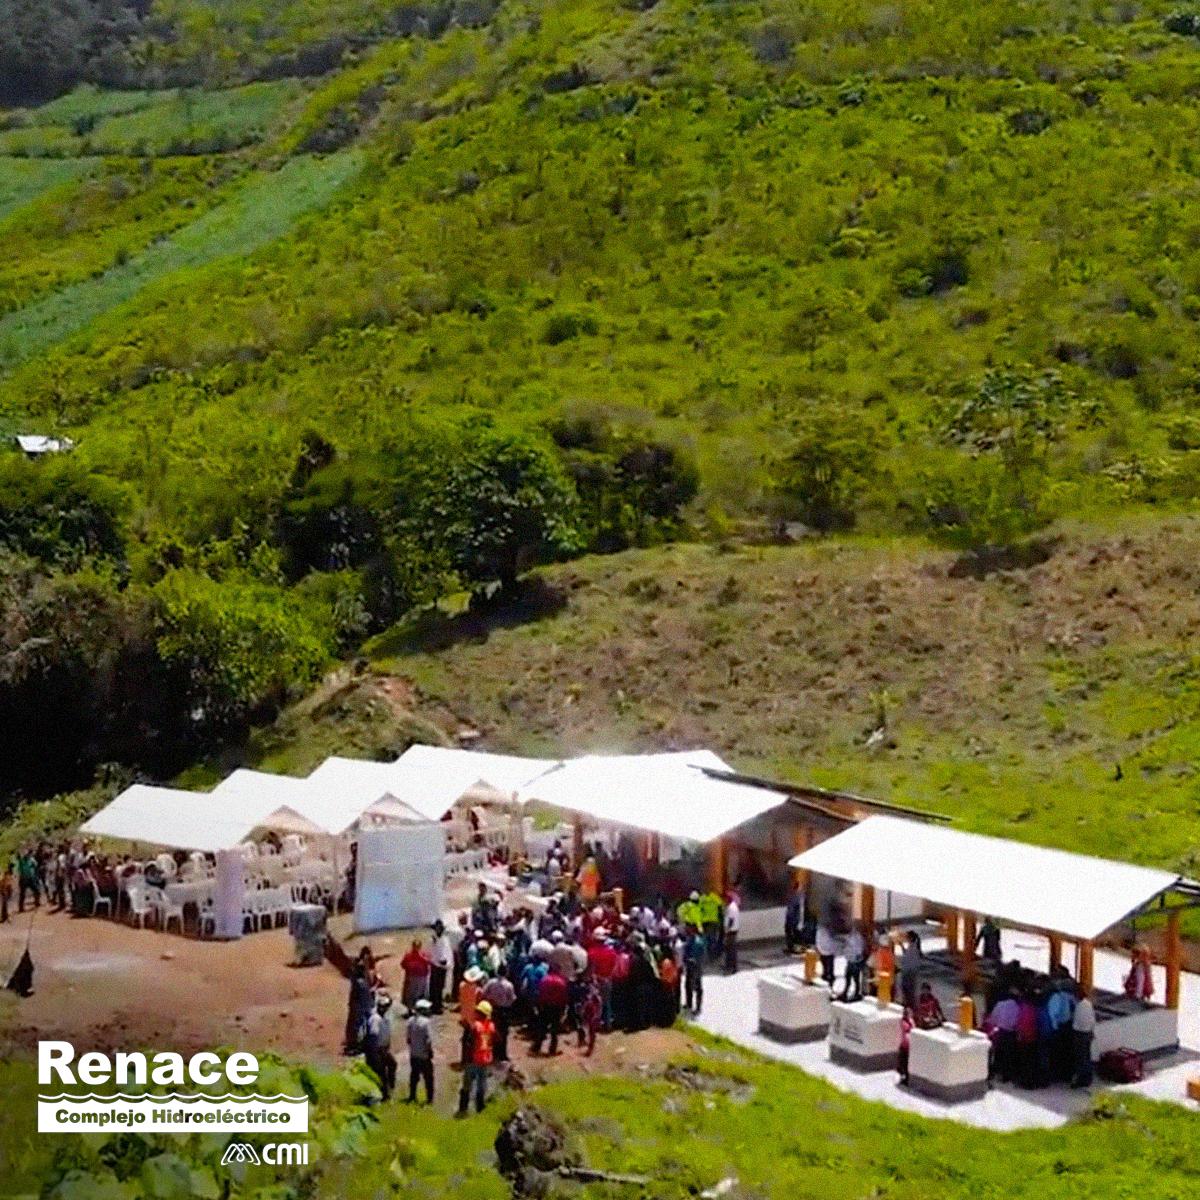 Apoyamos a la familias de las 29 comunidades vecinas, brindando infraestructura que transforma sus hogares como los abastecimientos de agua: aljibes y tinacos, para que sus hogares estén abastecidos. #RenaceAporta Conoce cómo lo hicimos aquí: https://t.co/SIEsVS01SU https://t.co/TVEbltSGg7